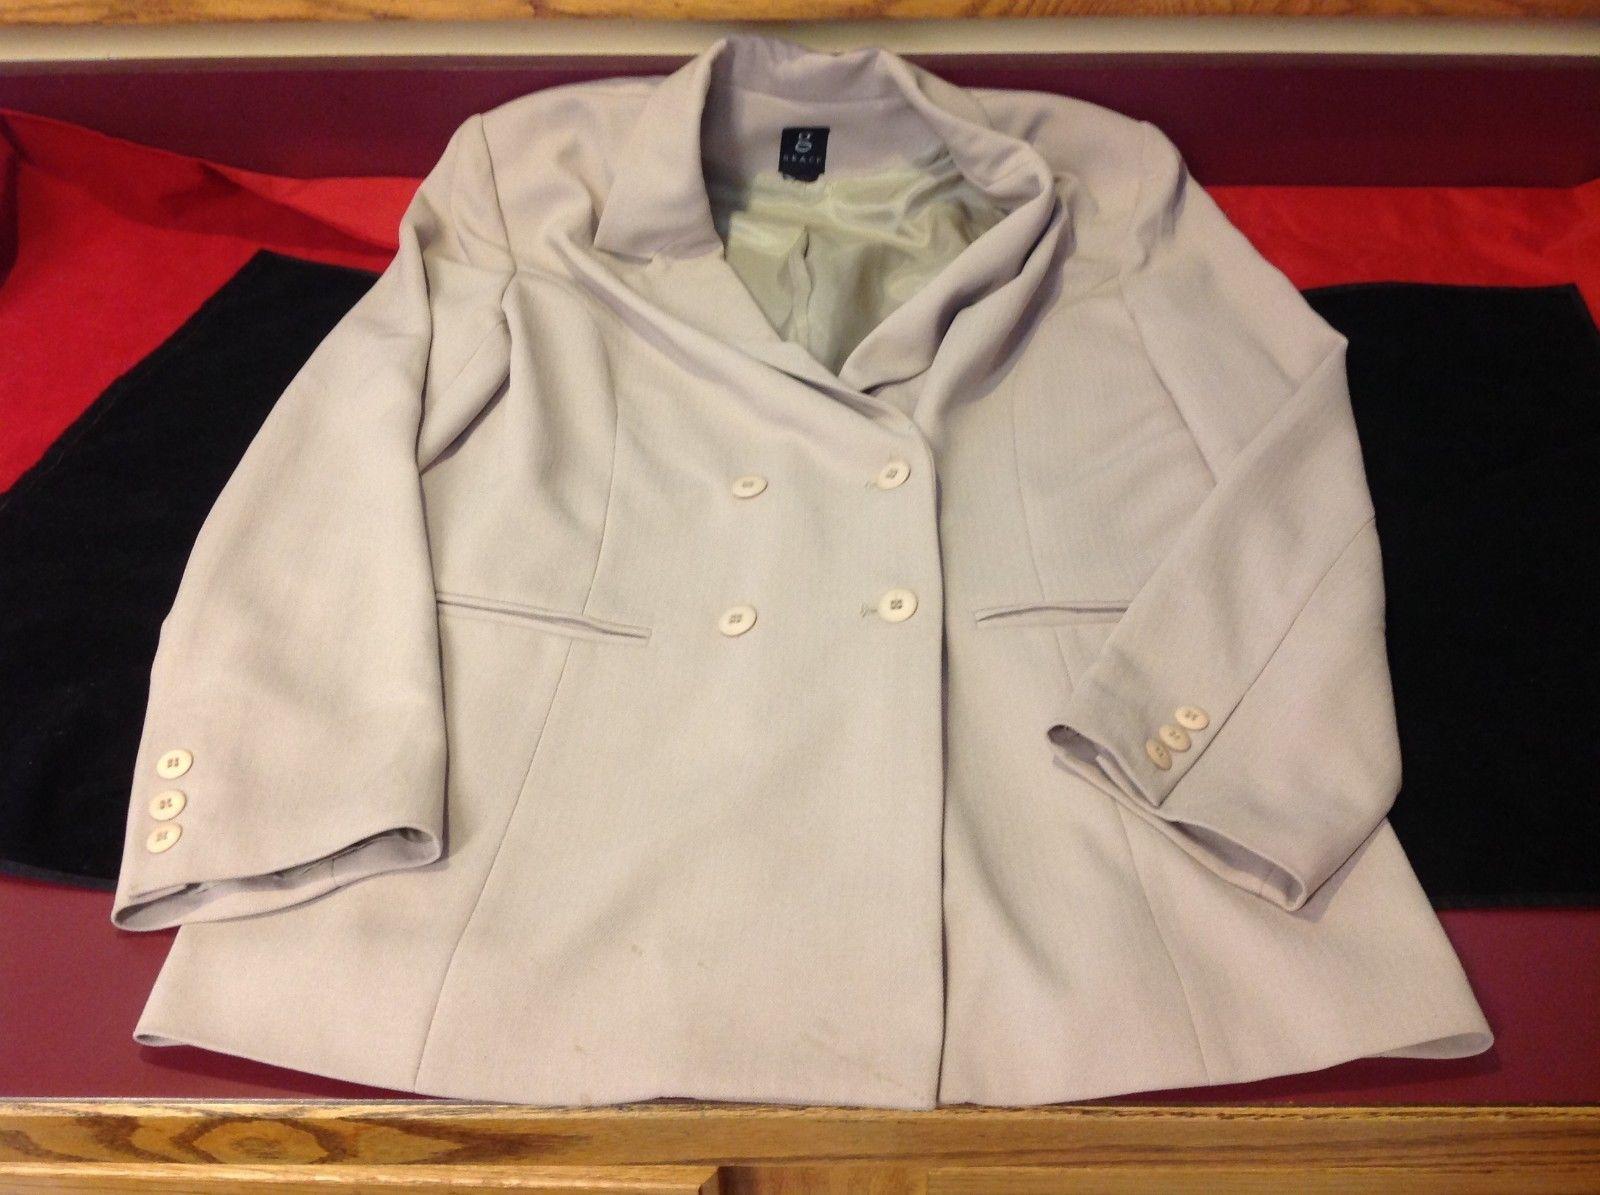 Grace light brown blazer for woman 21in Wide 28 in Long